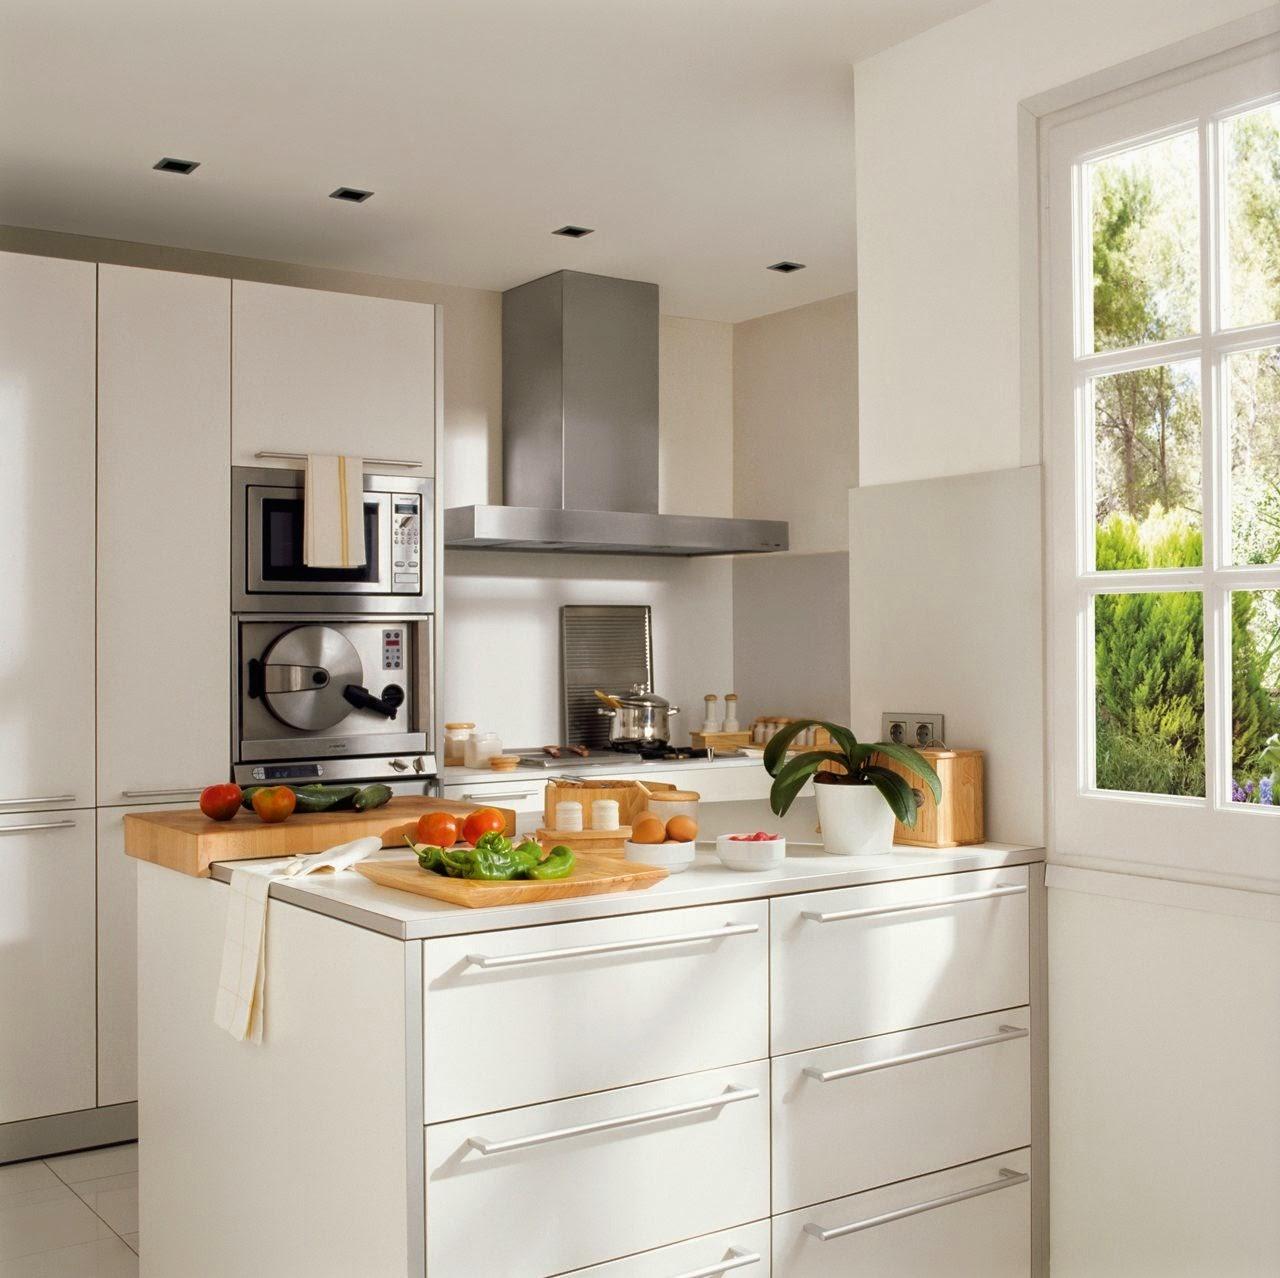 Decoración Fácil: 10 Ideas para cocinas pequeñas #Small & Lowcost